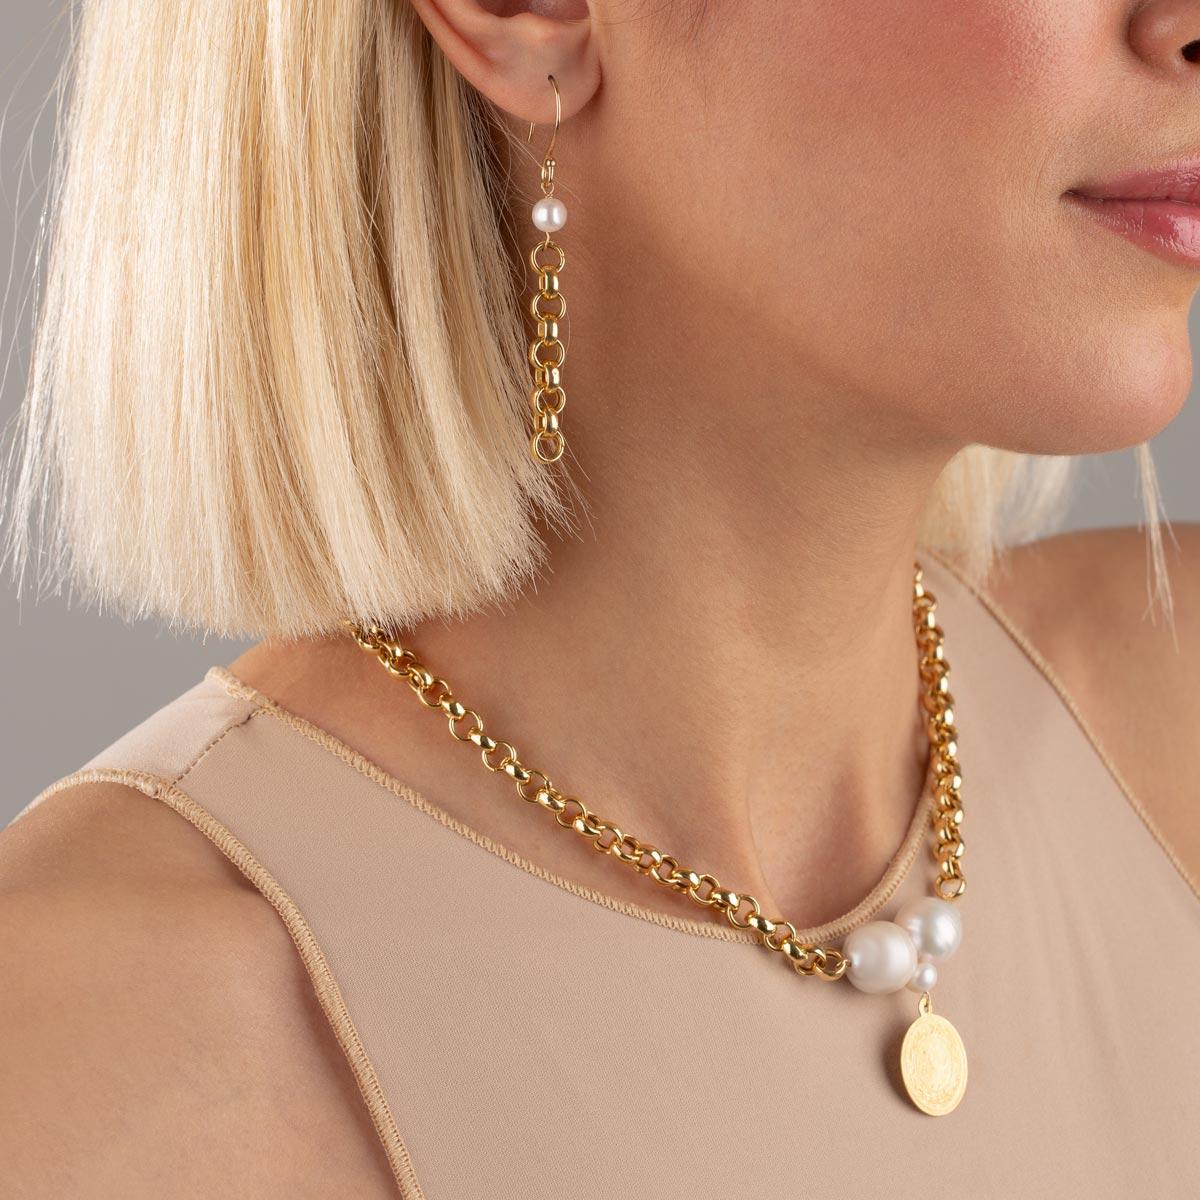 گردنبند طلا سکه و رولو